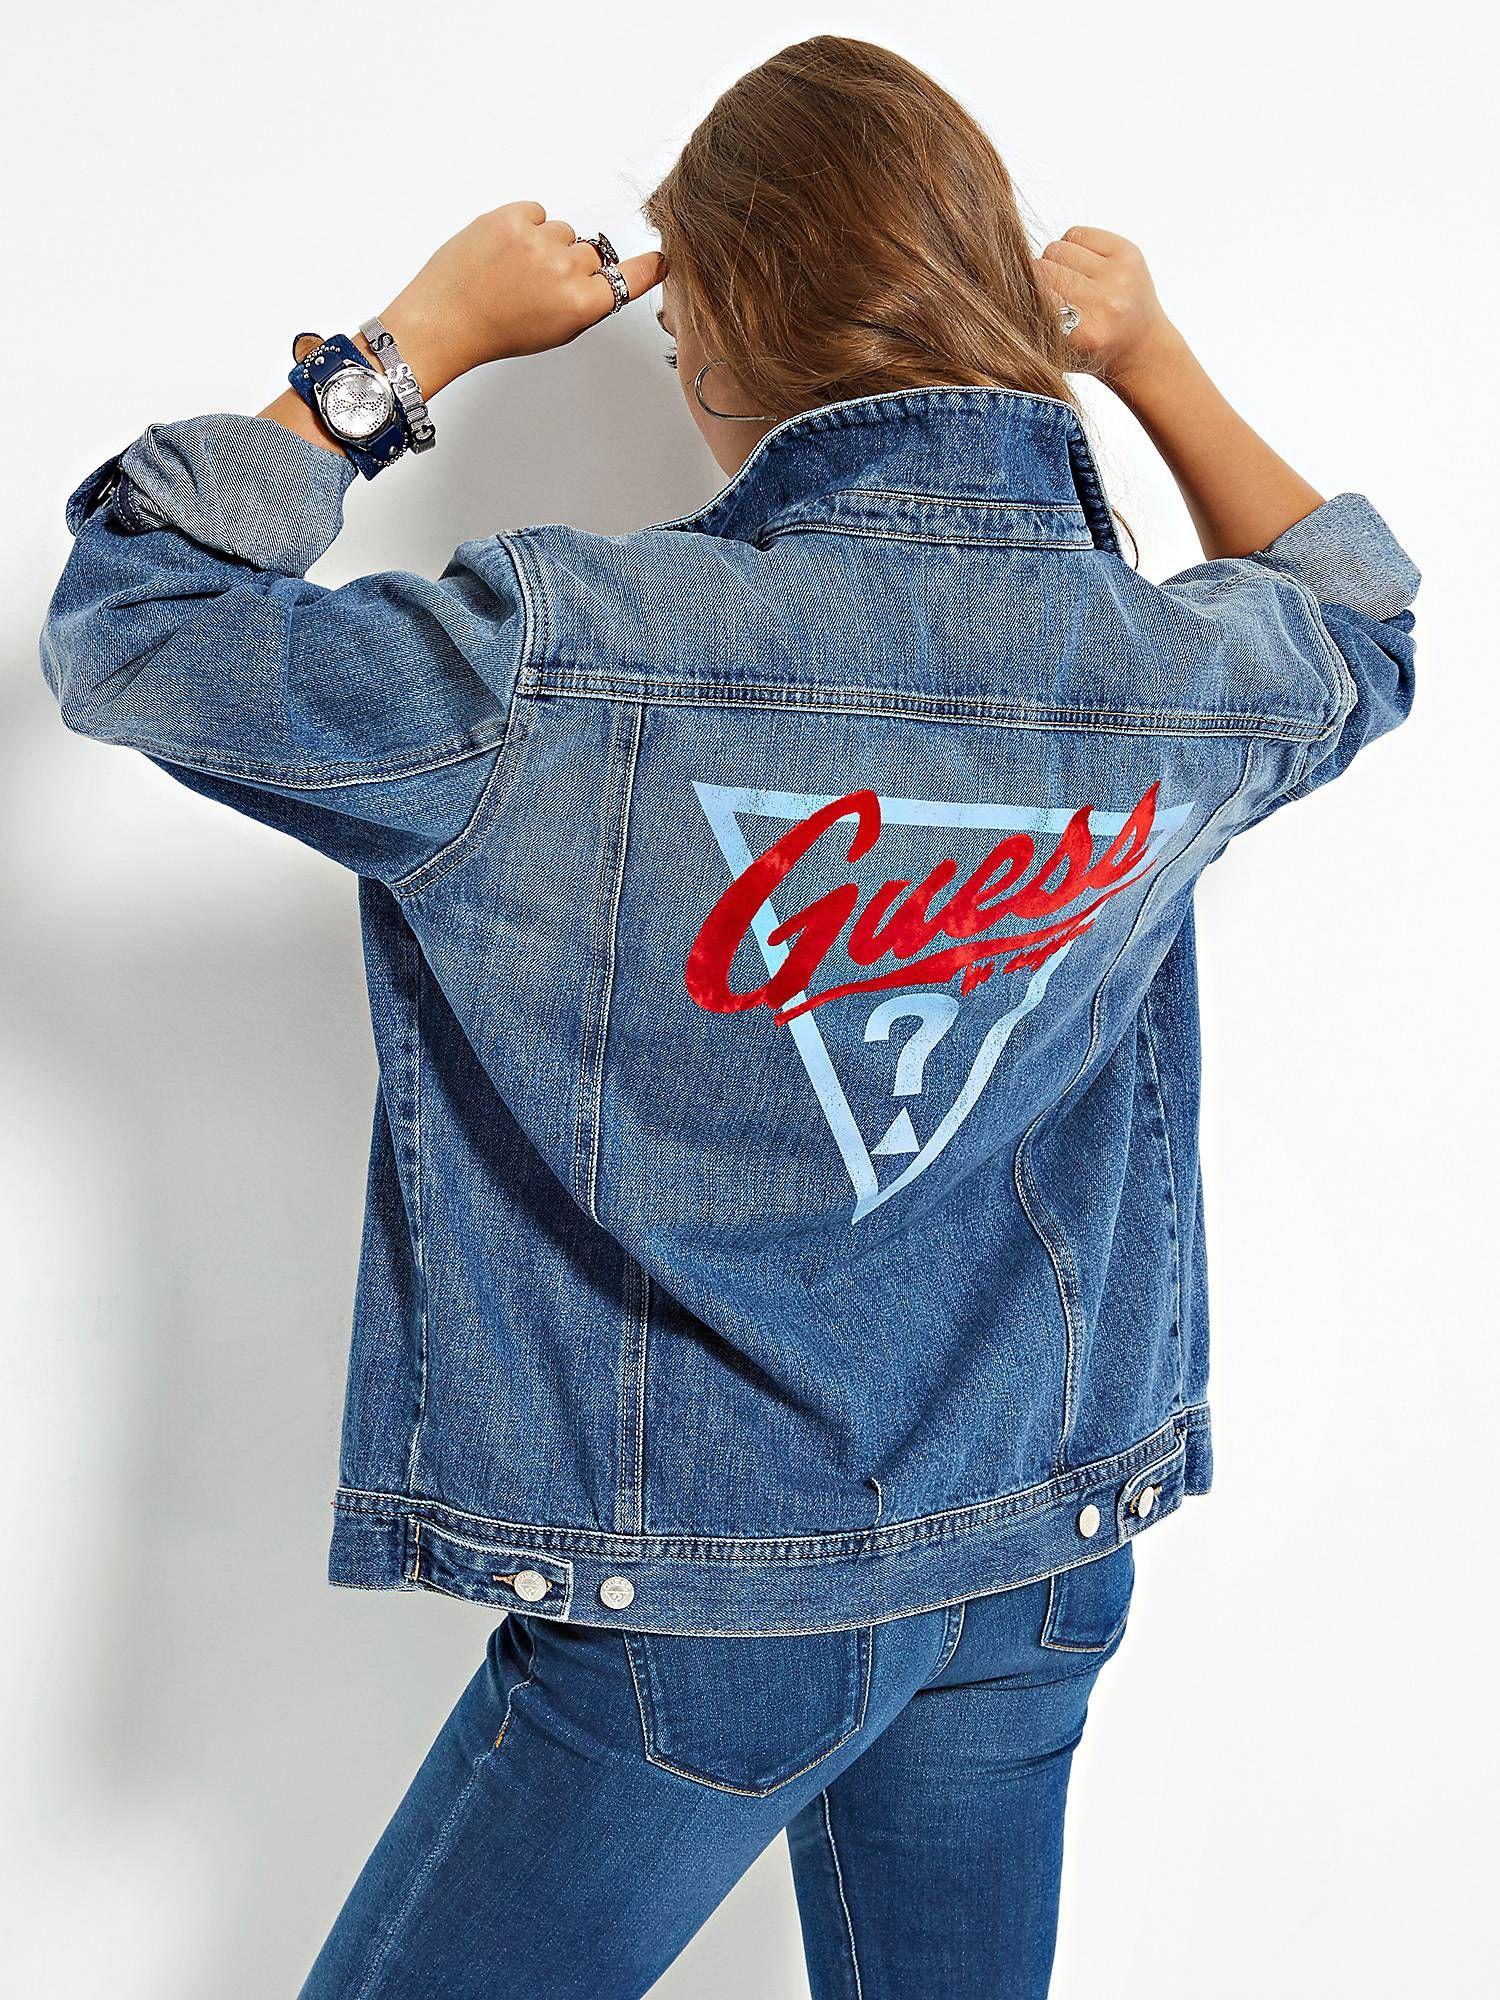 giacche di jeans 2019, giubbotti di jeans, jeans moda primavera estate 2019, jeans primavera estate 2019